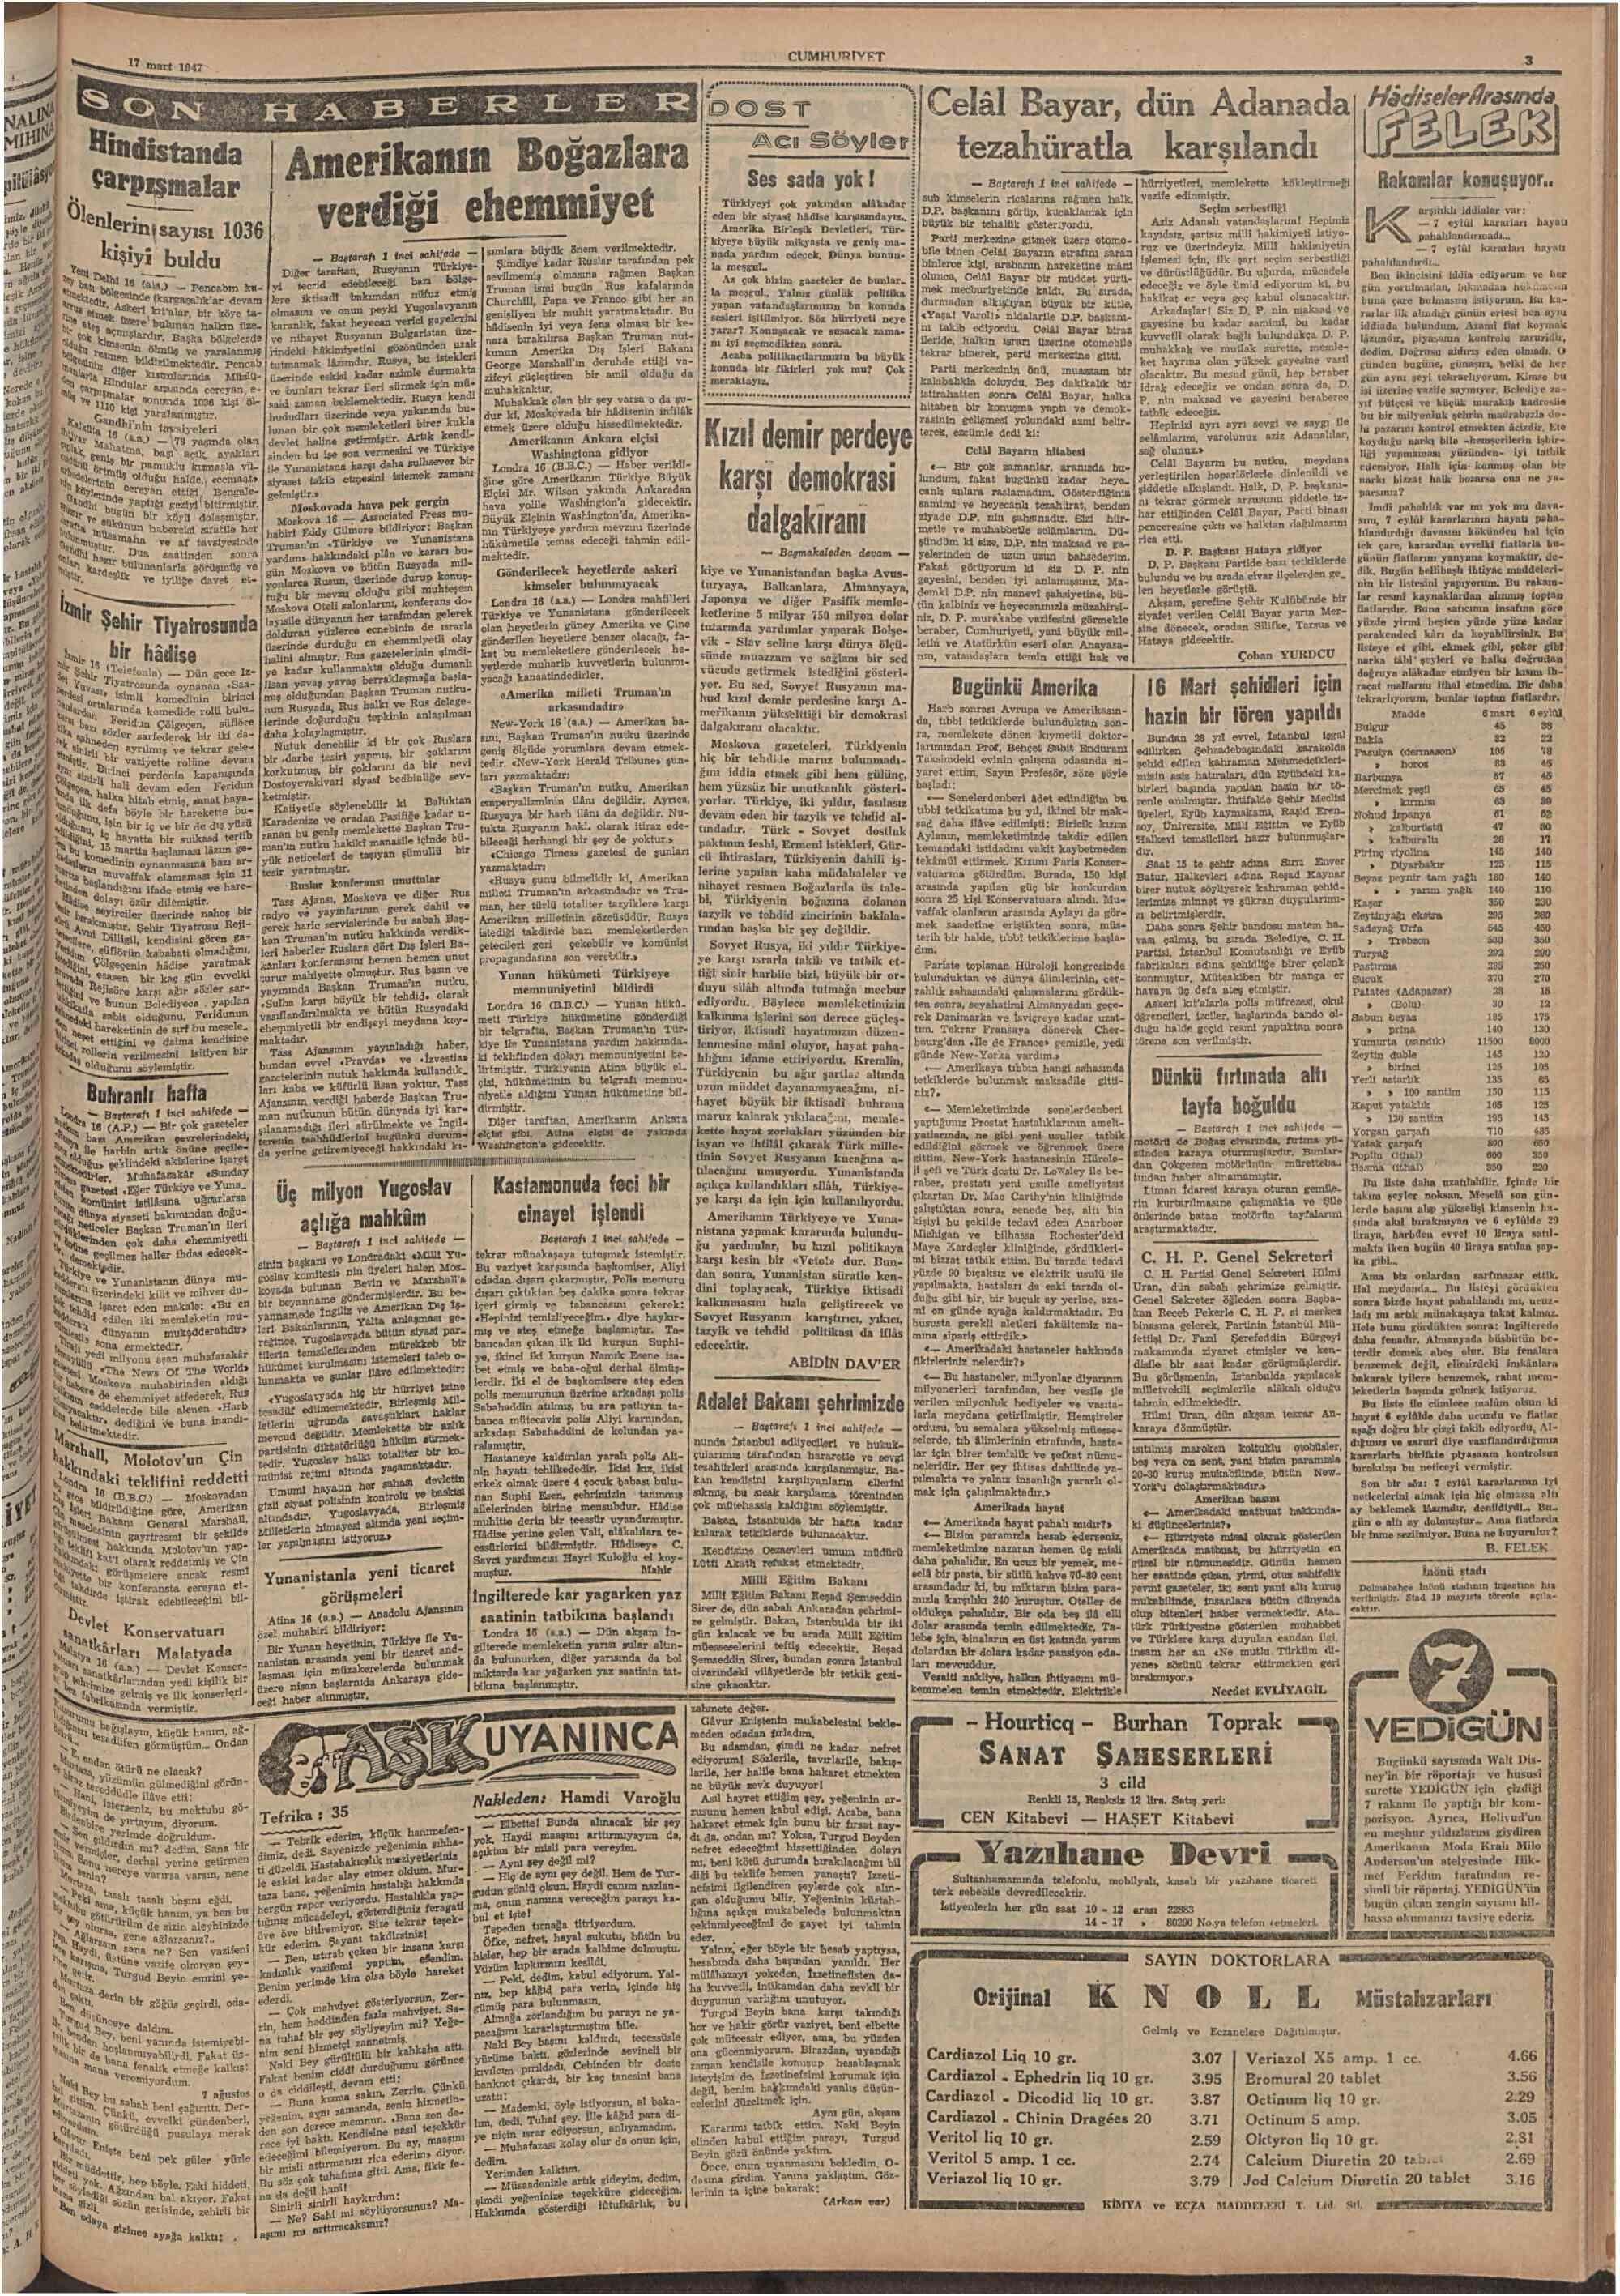 17 Mart 1947 Tarihli Cumhuriyet Gazetesi Sayfa 3